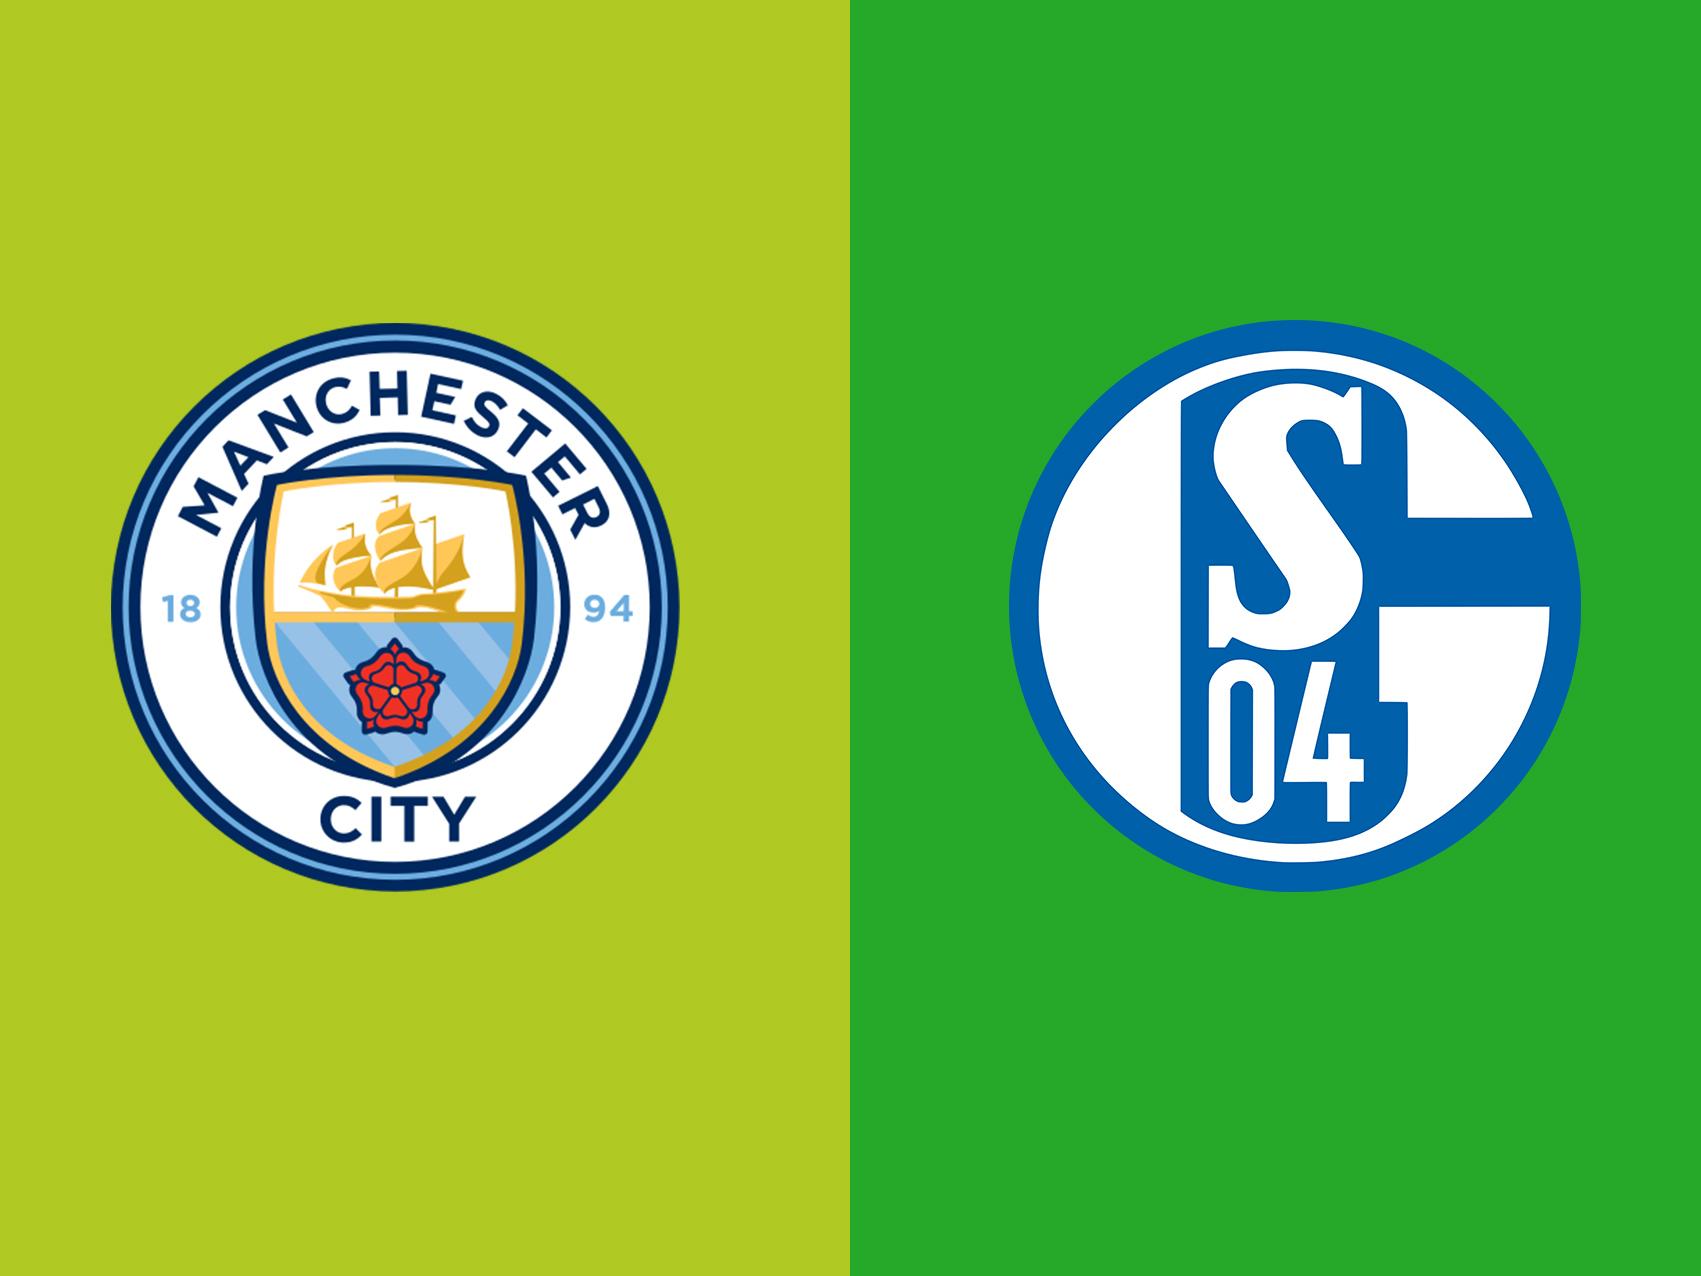 soi-keo-ca-cuoc-bong-da-ngay-13-3-manchester-city-vs-schalke-04-kho-co-bat-ngo-b9 1